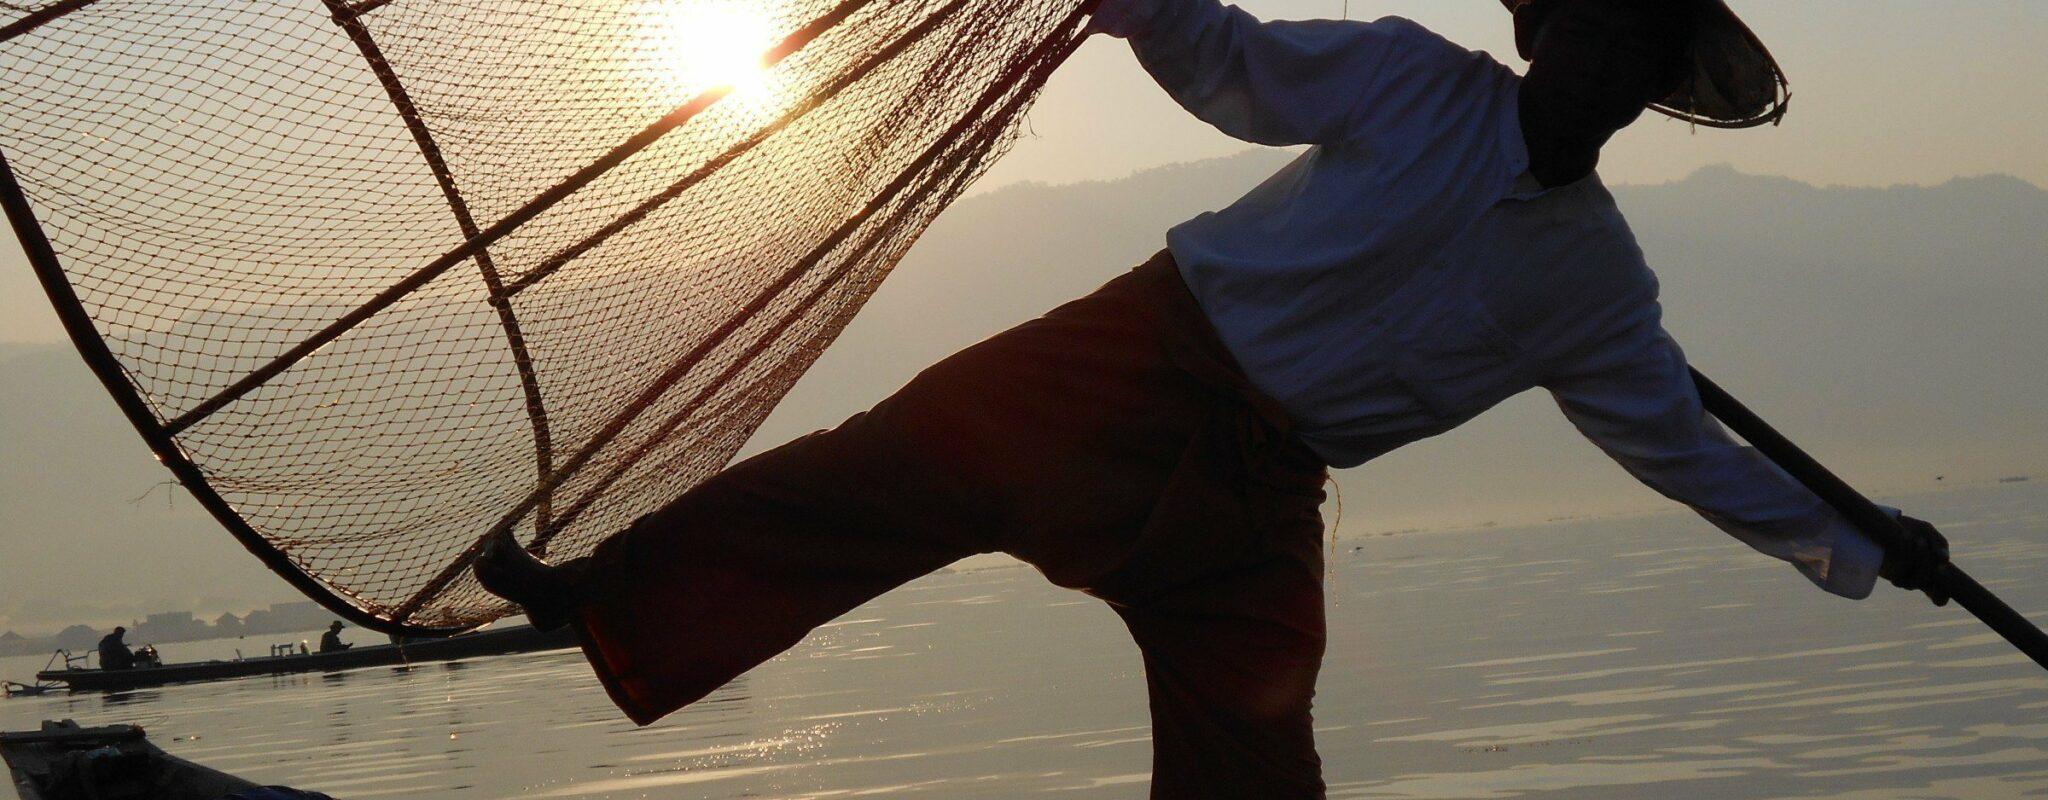 Dancing Fisherman - Beautiful Burma